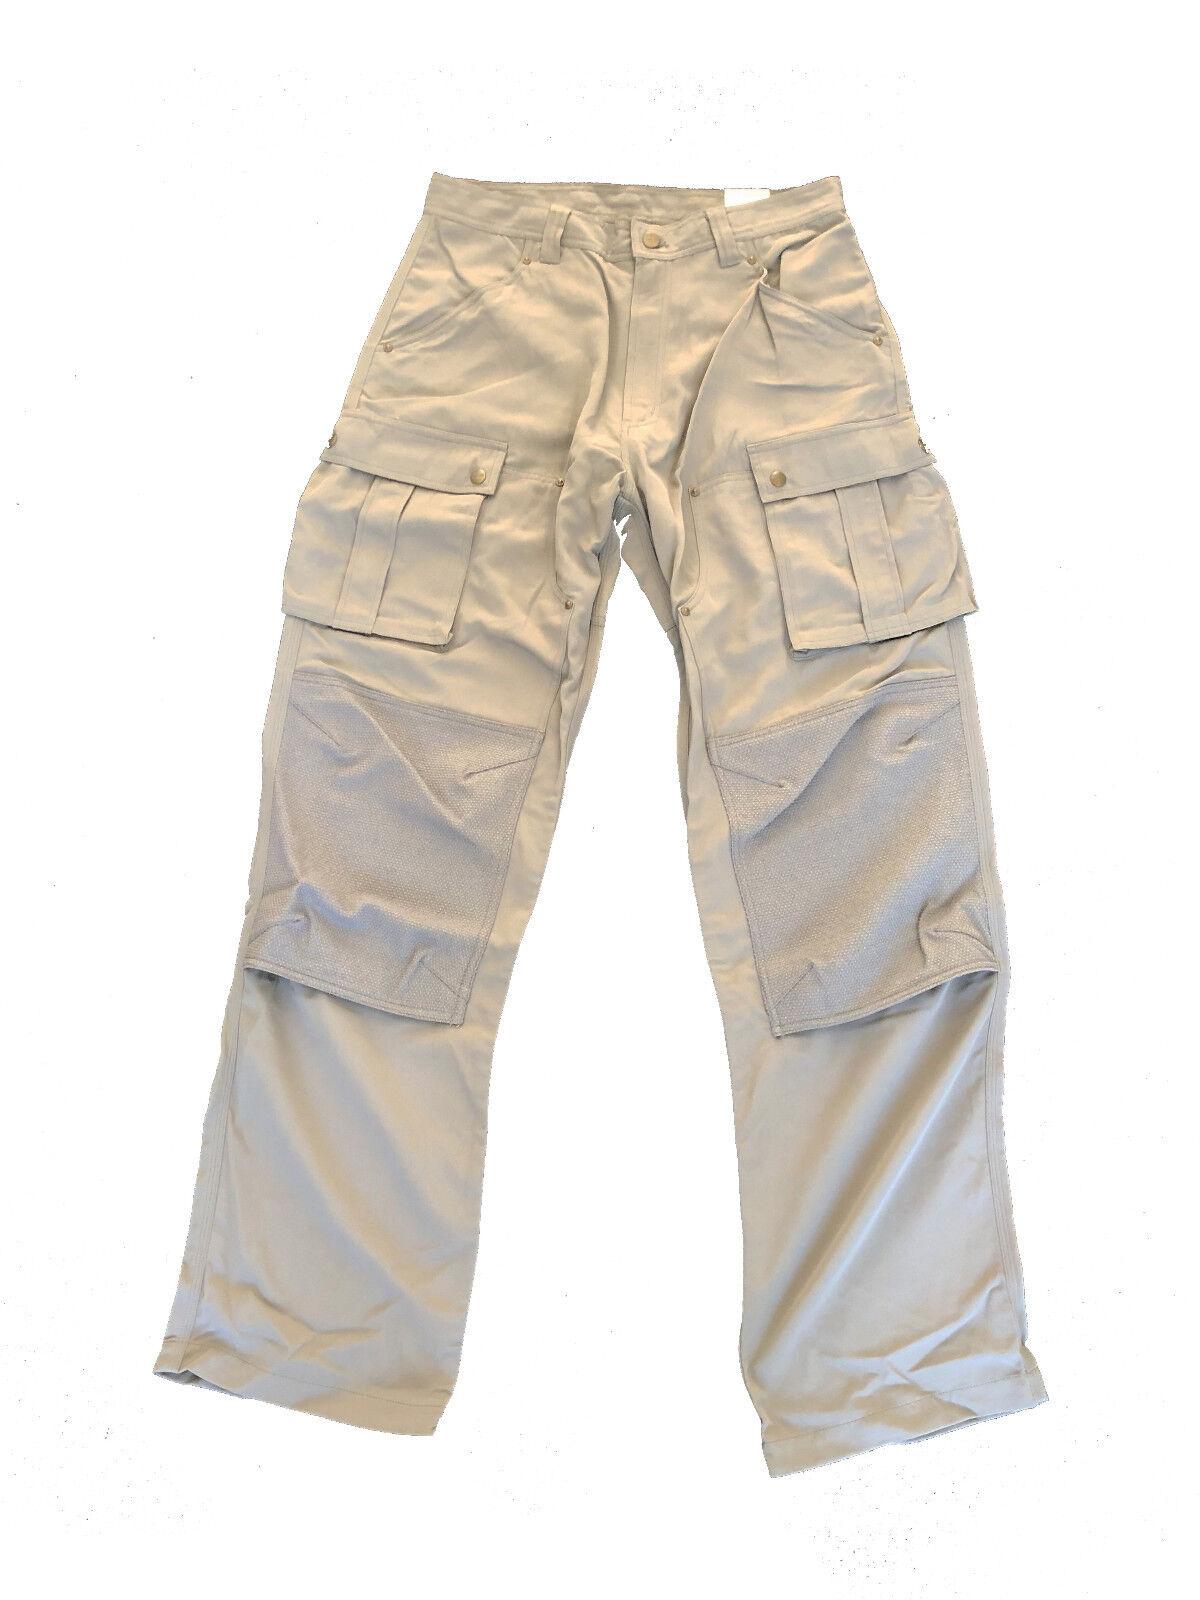 Carhartt Regular Cargo Pant Cargohose Arbeitshose Trekkinghose Hose Skate grau